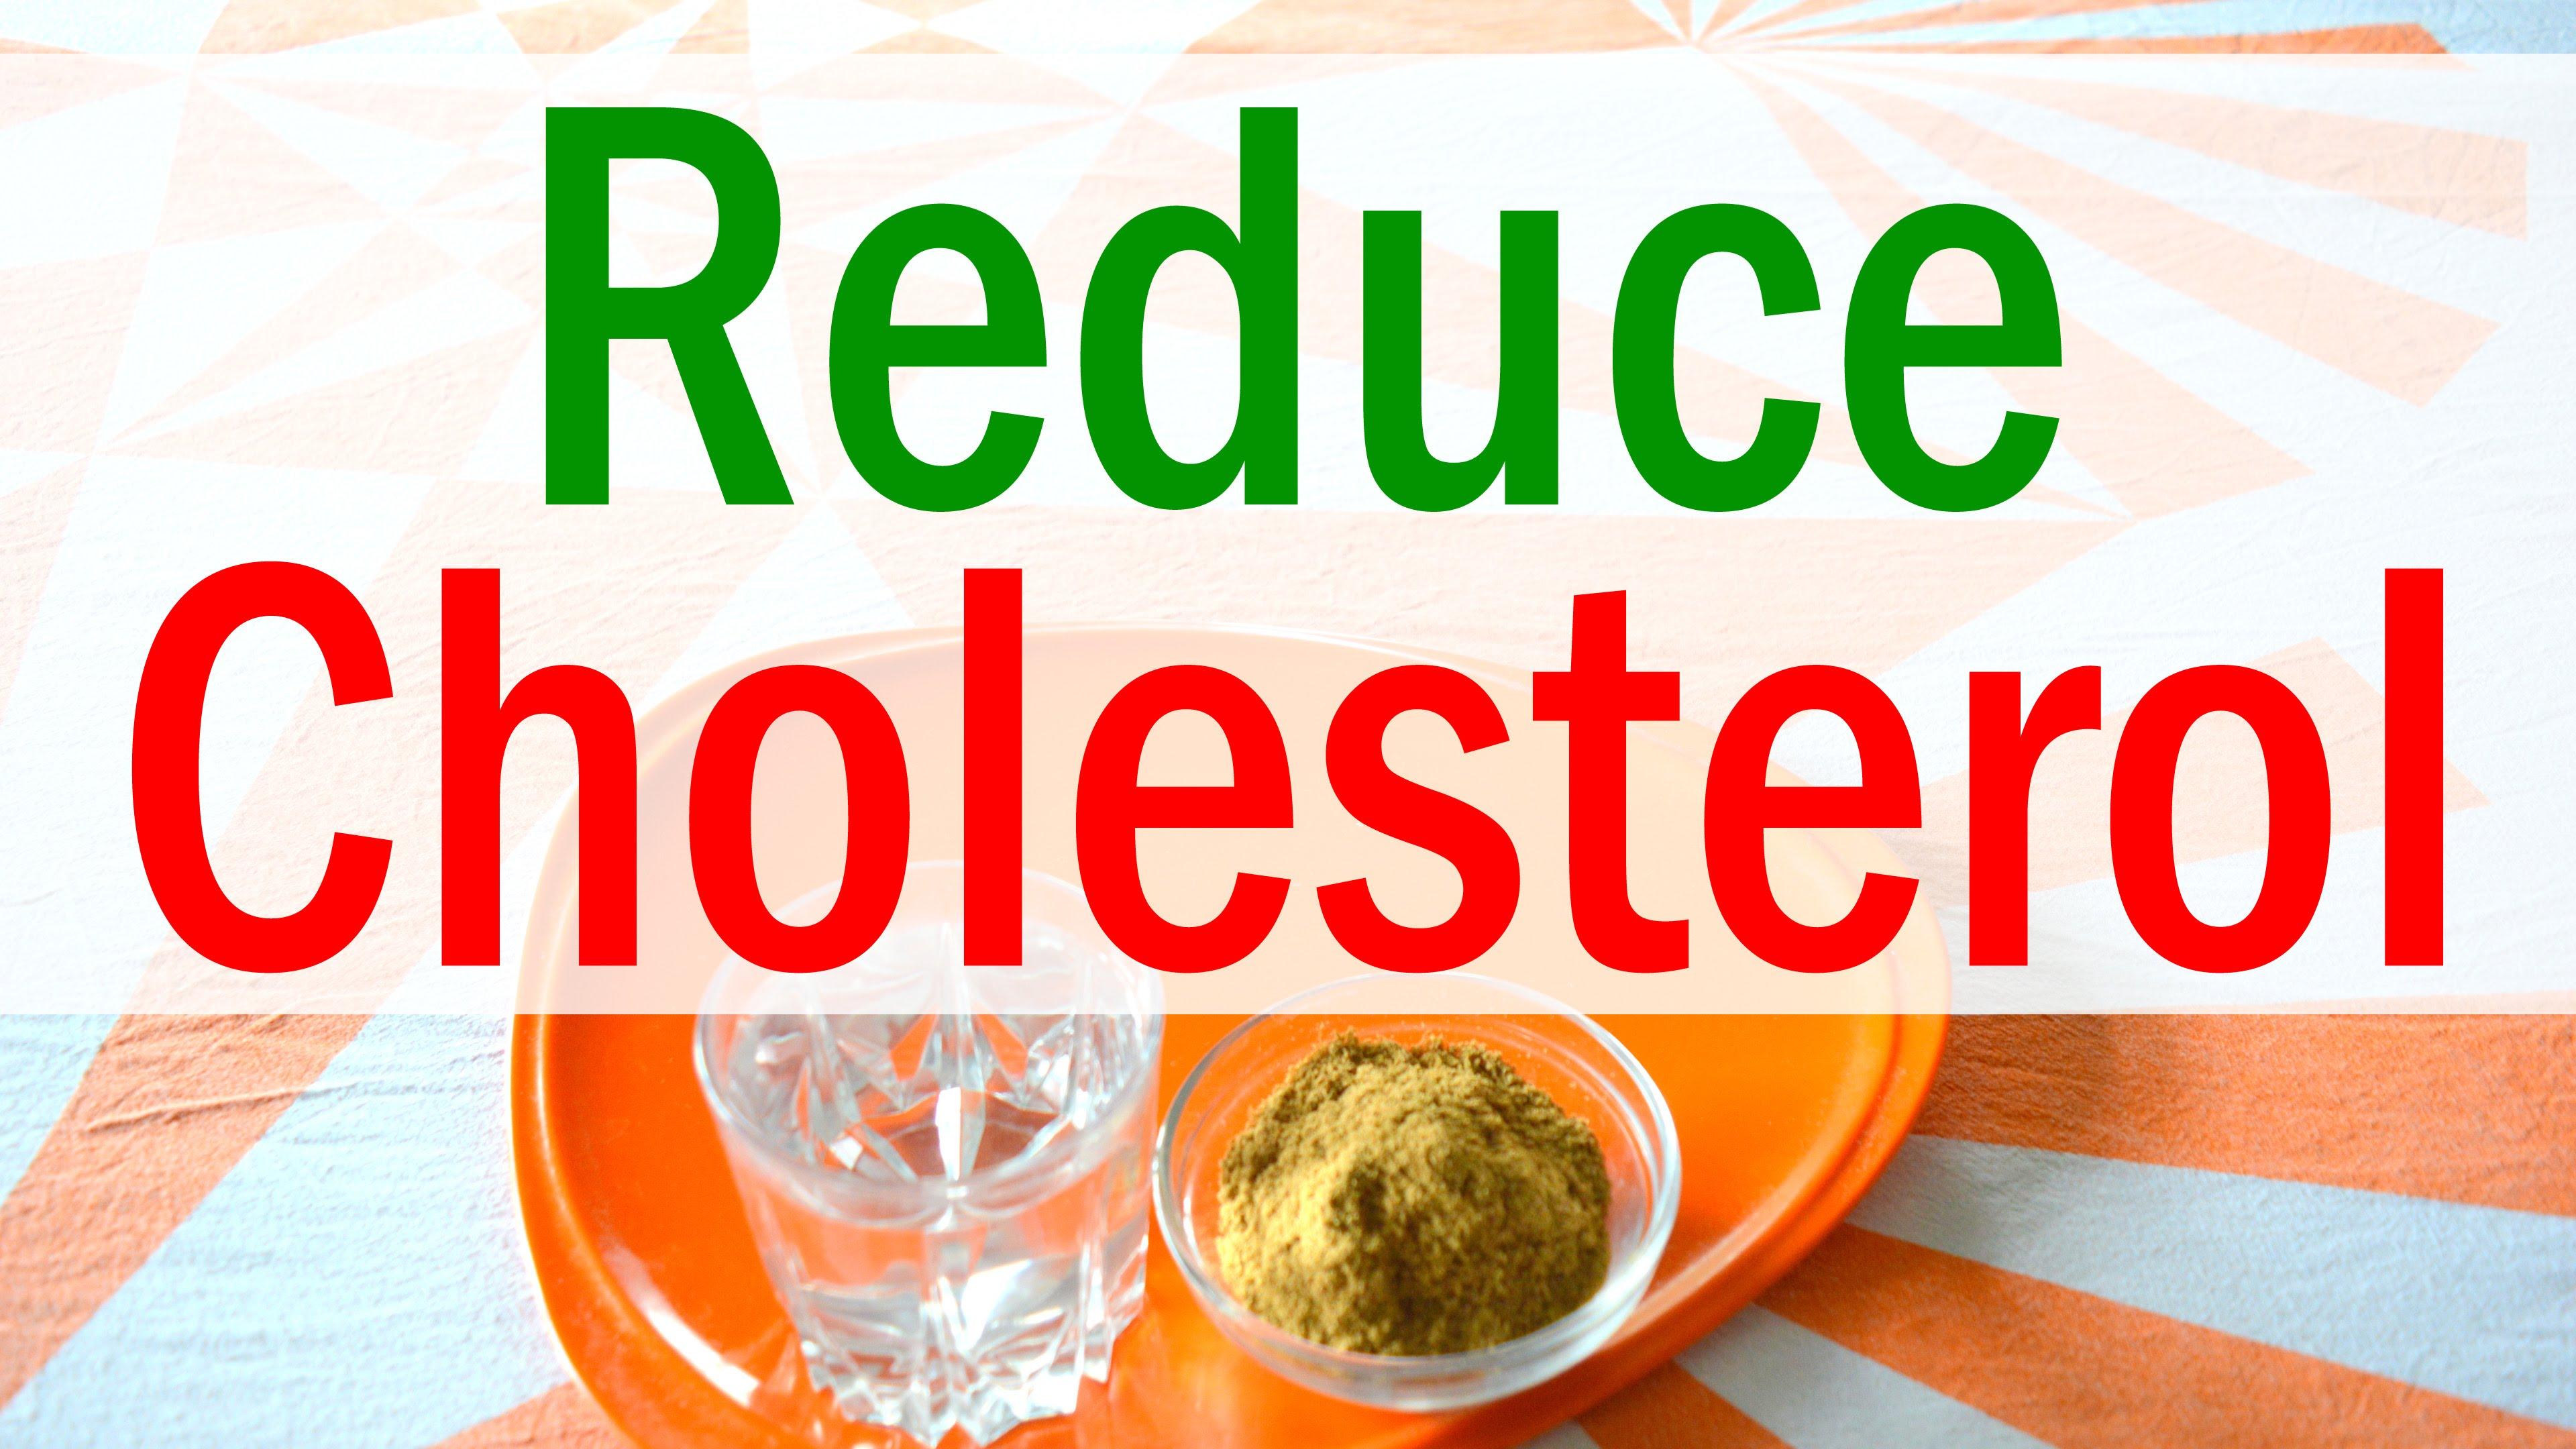 降低膽固醇